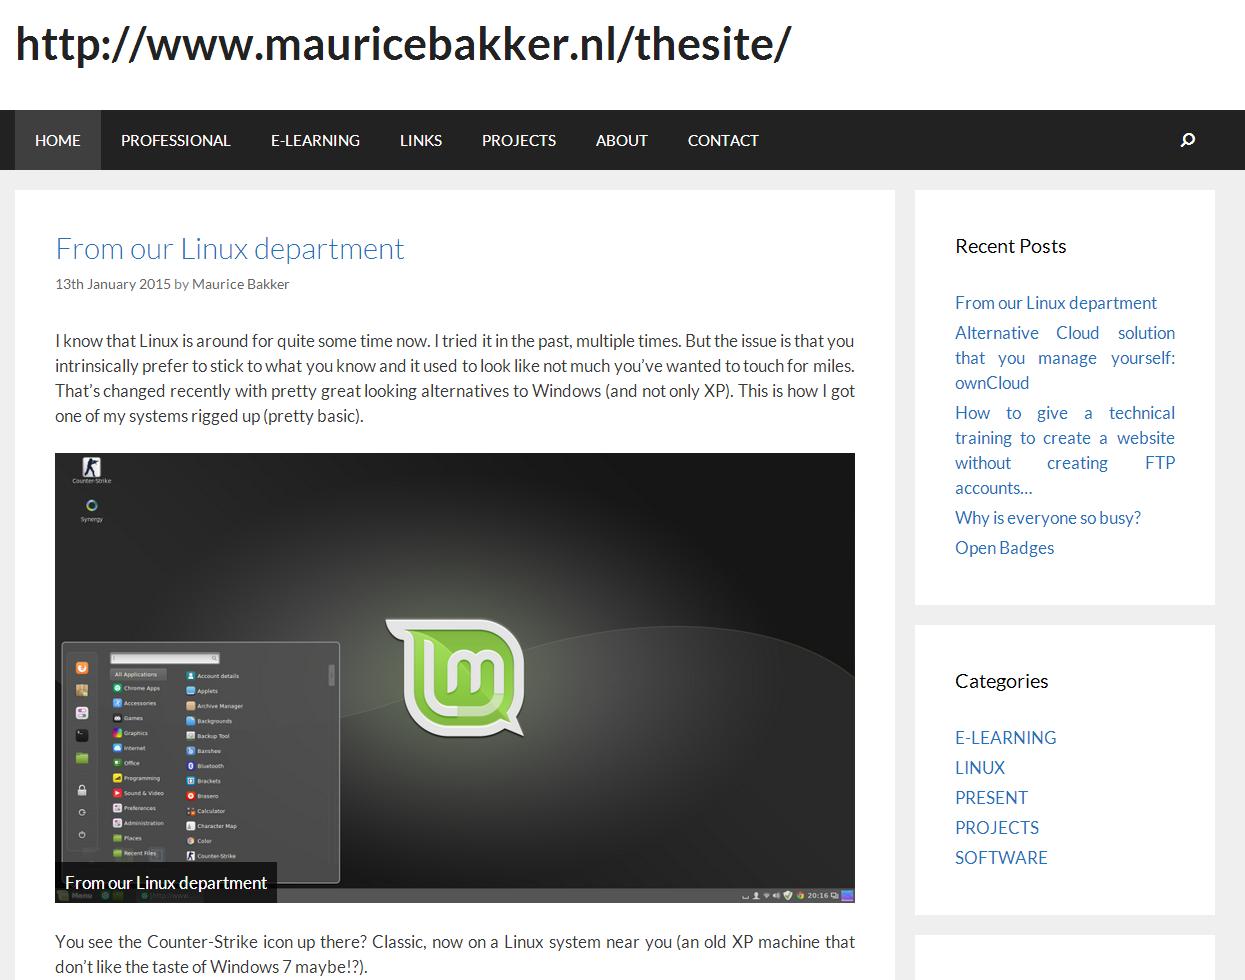 Maurice Bakker | A Personal Website